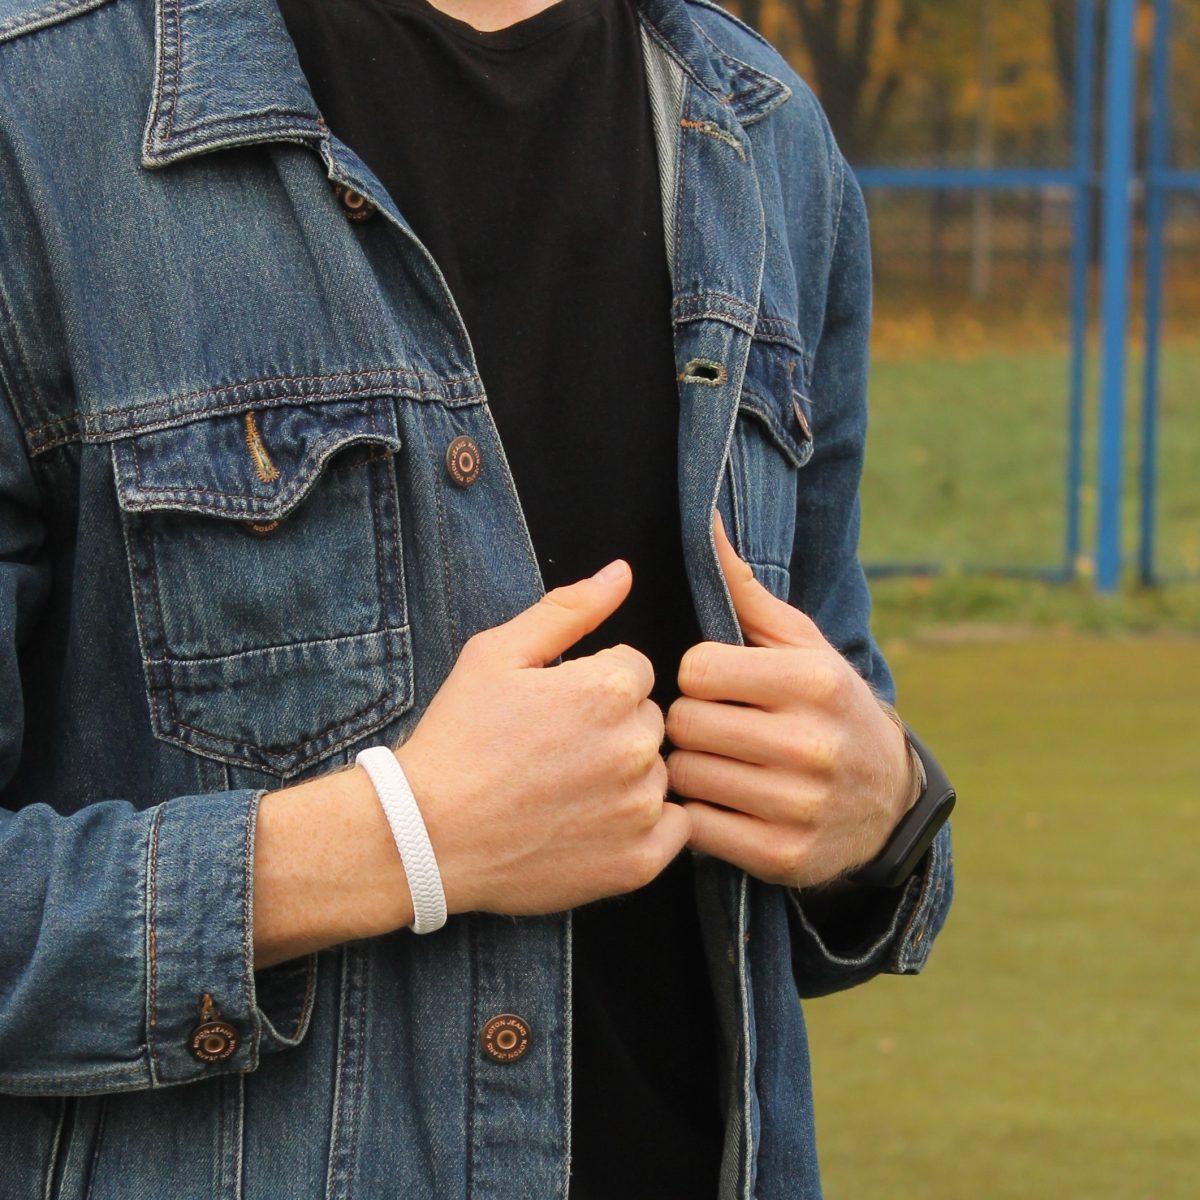 Белый браслет из кожи на мужской руке